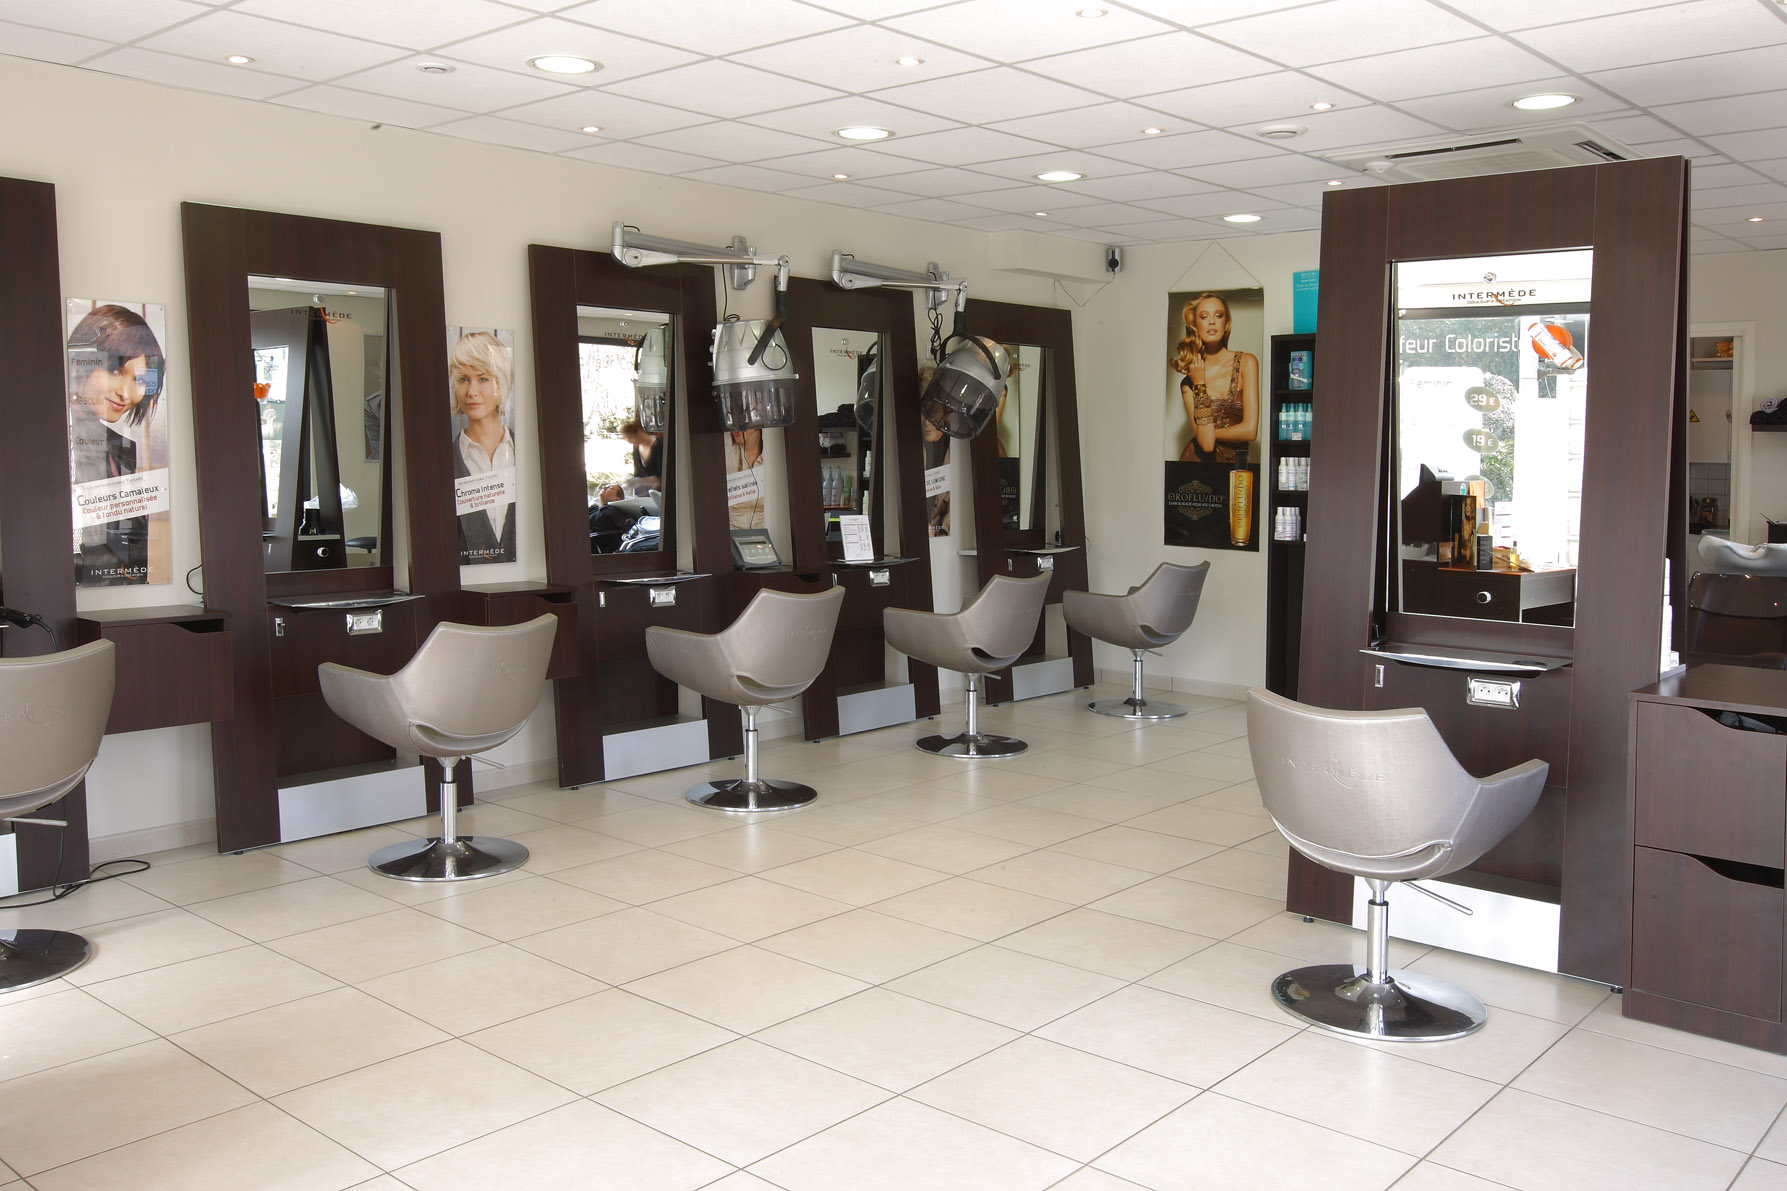 Intermede coiffure colombes votre nouveau blog l gant for Salon de coiffure colombes